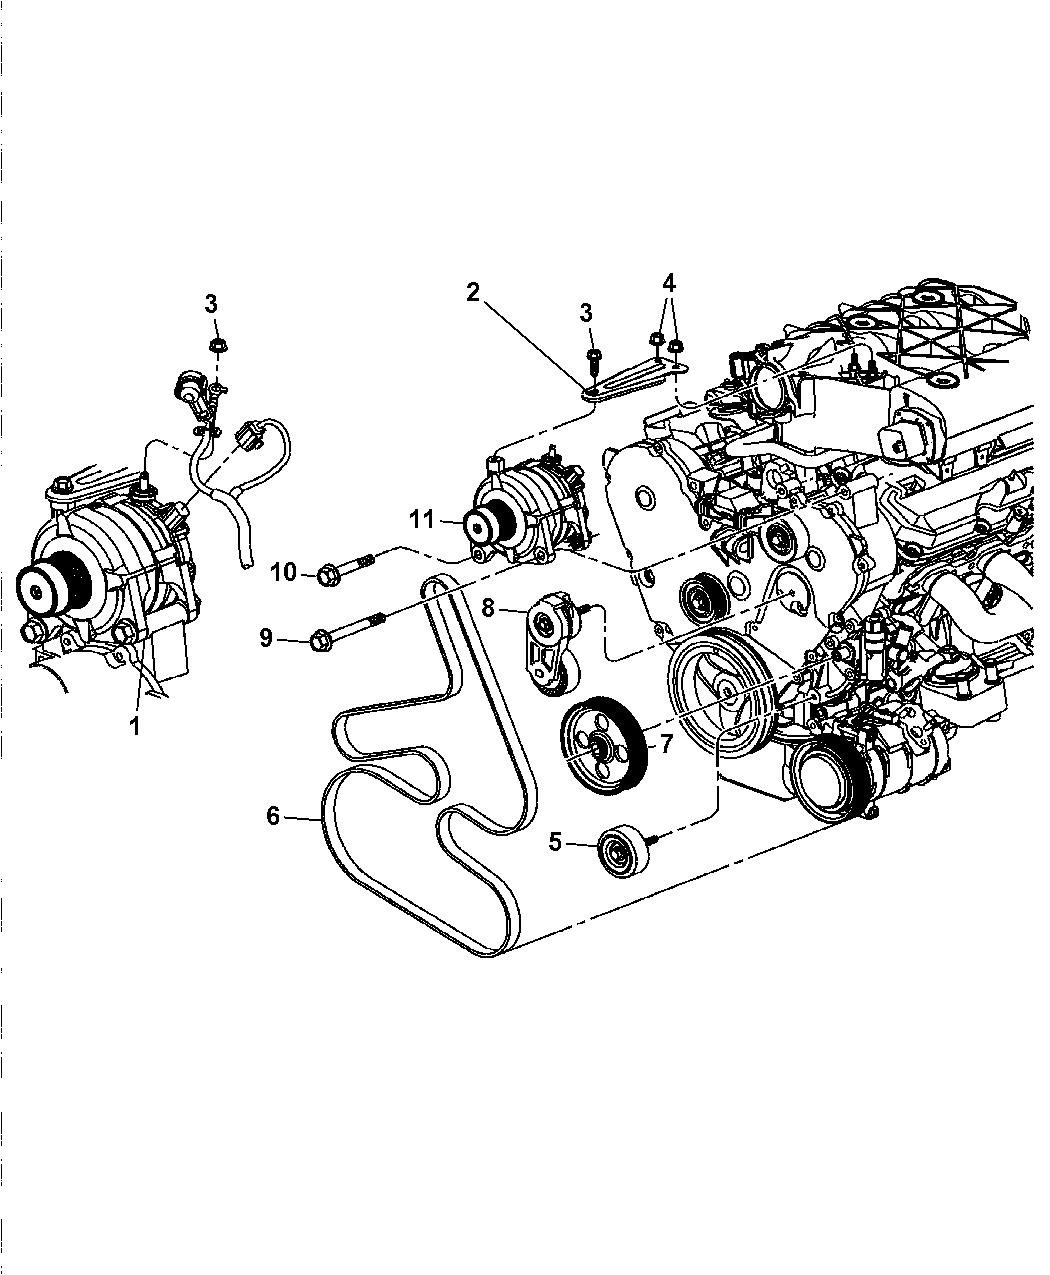 2006 Chrysler Pacifica Alternator